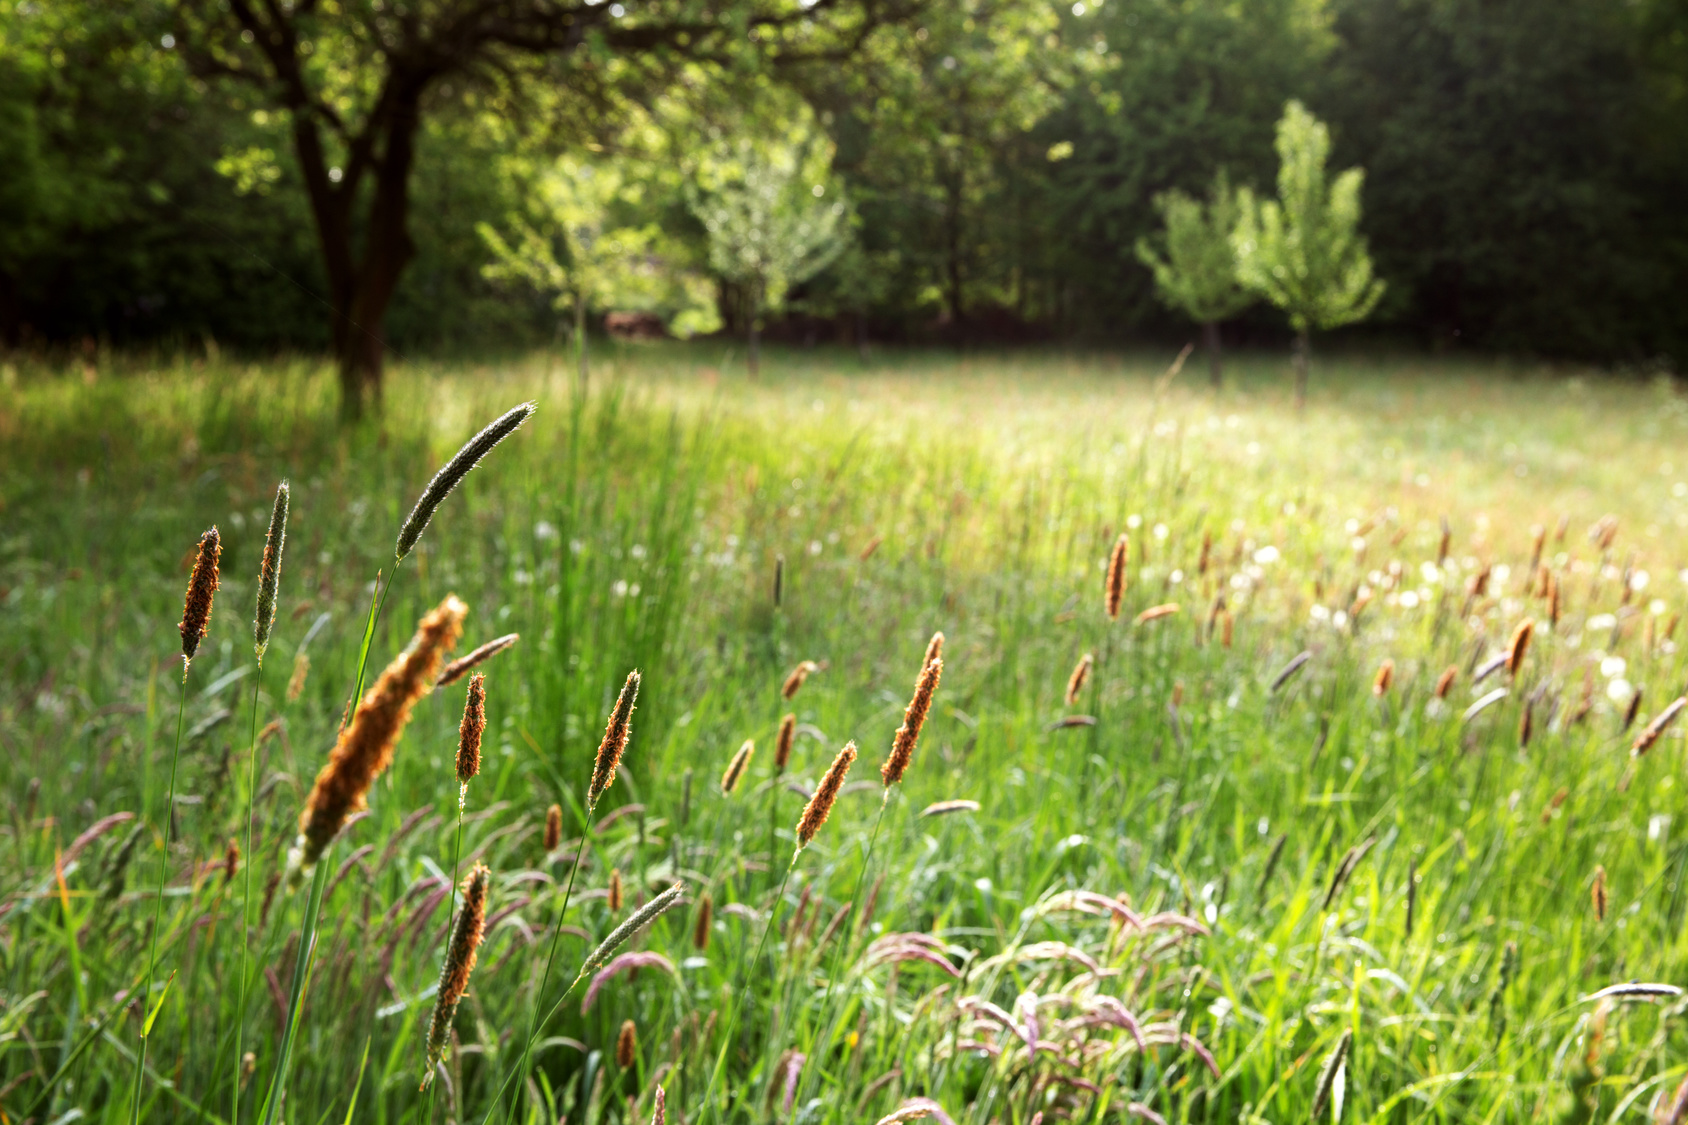 wiese-pollen-graeser-baume-heuschnupfengefahr